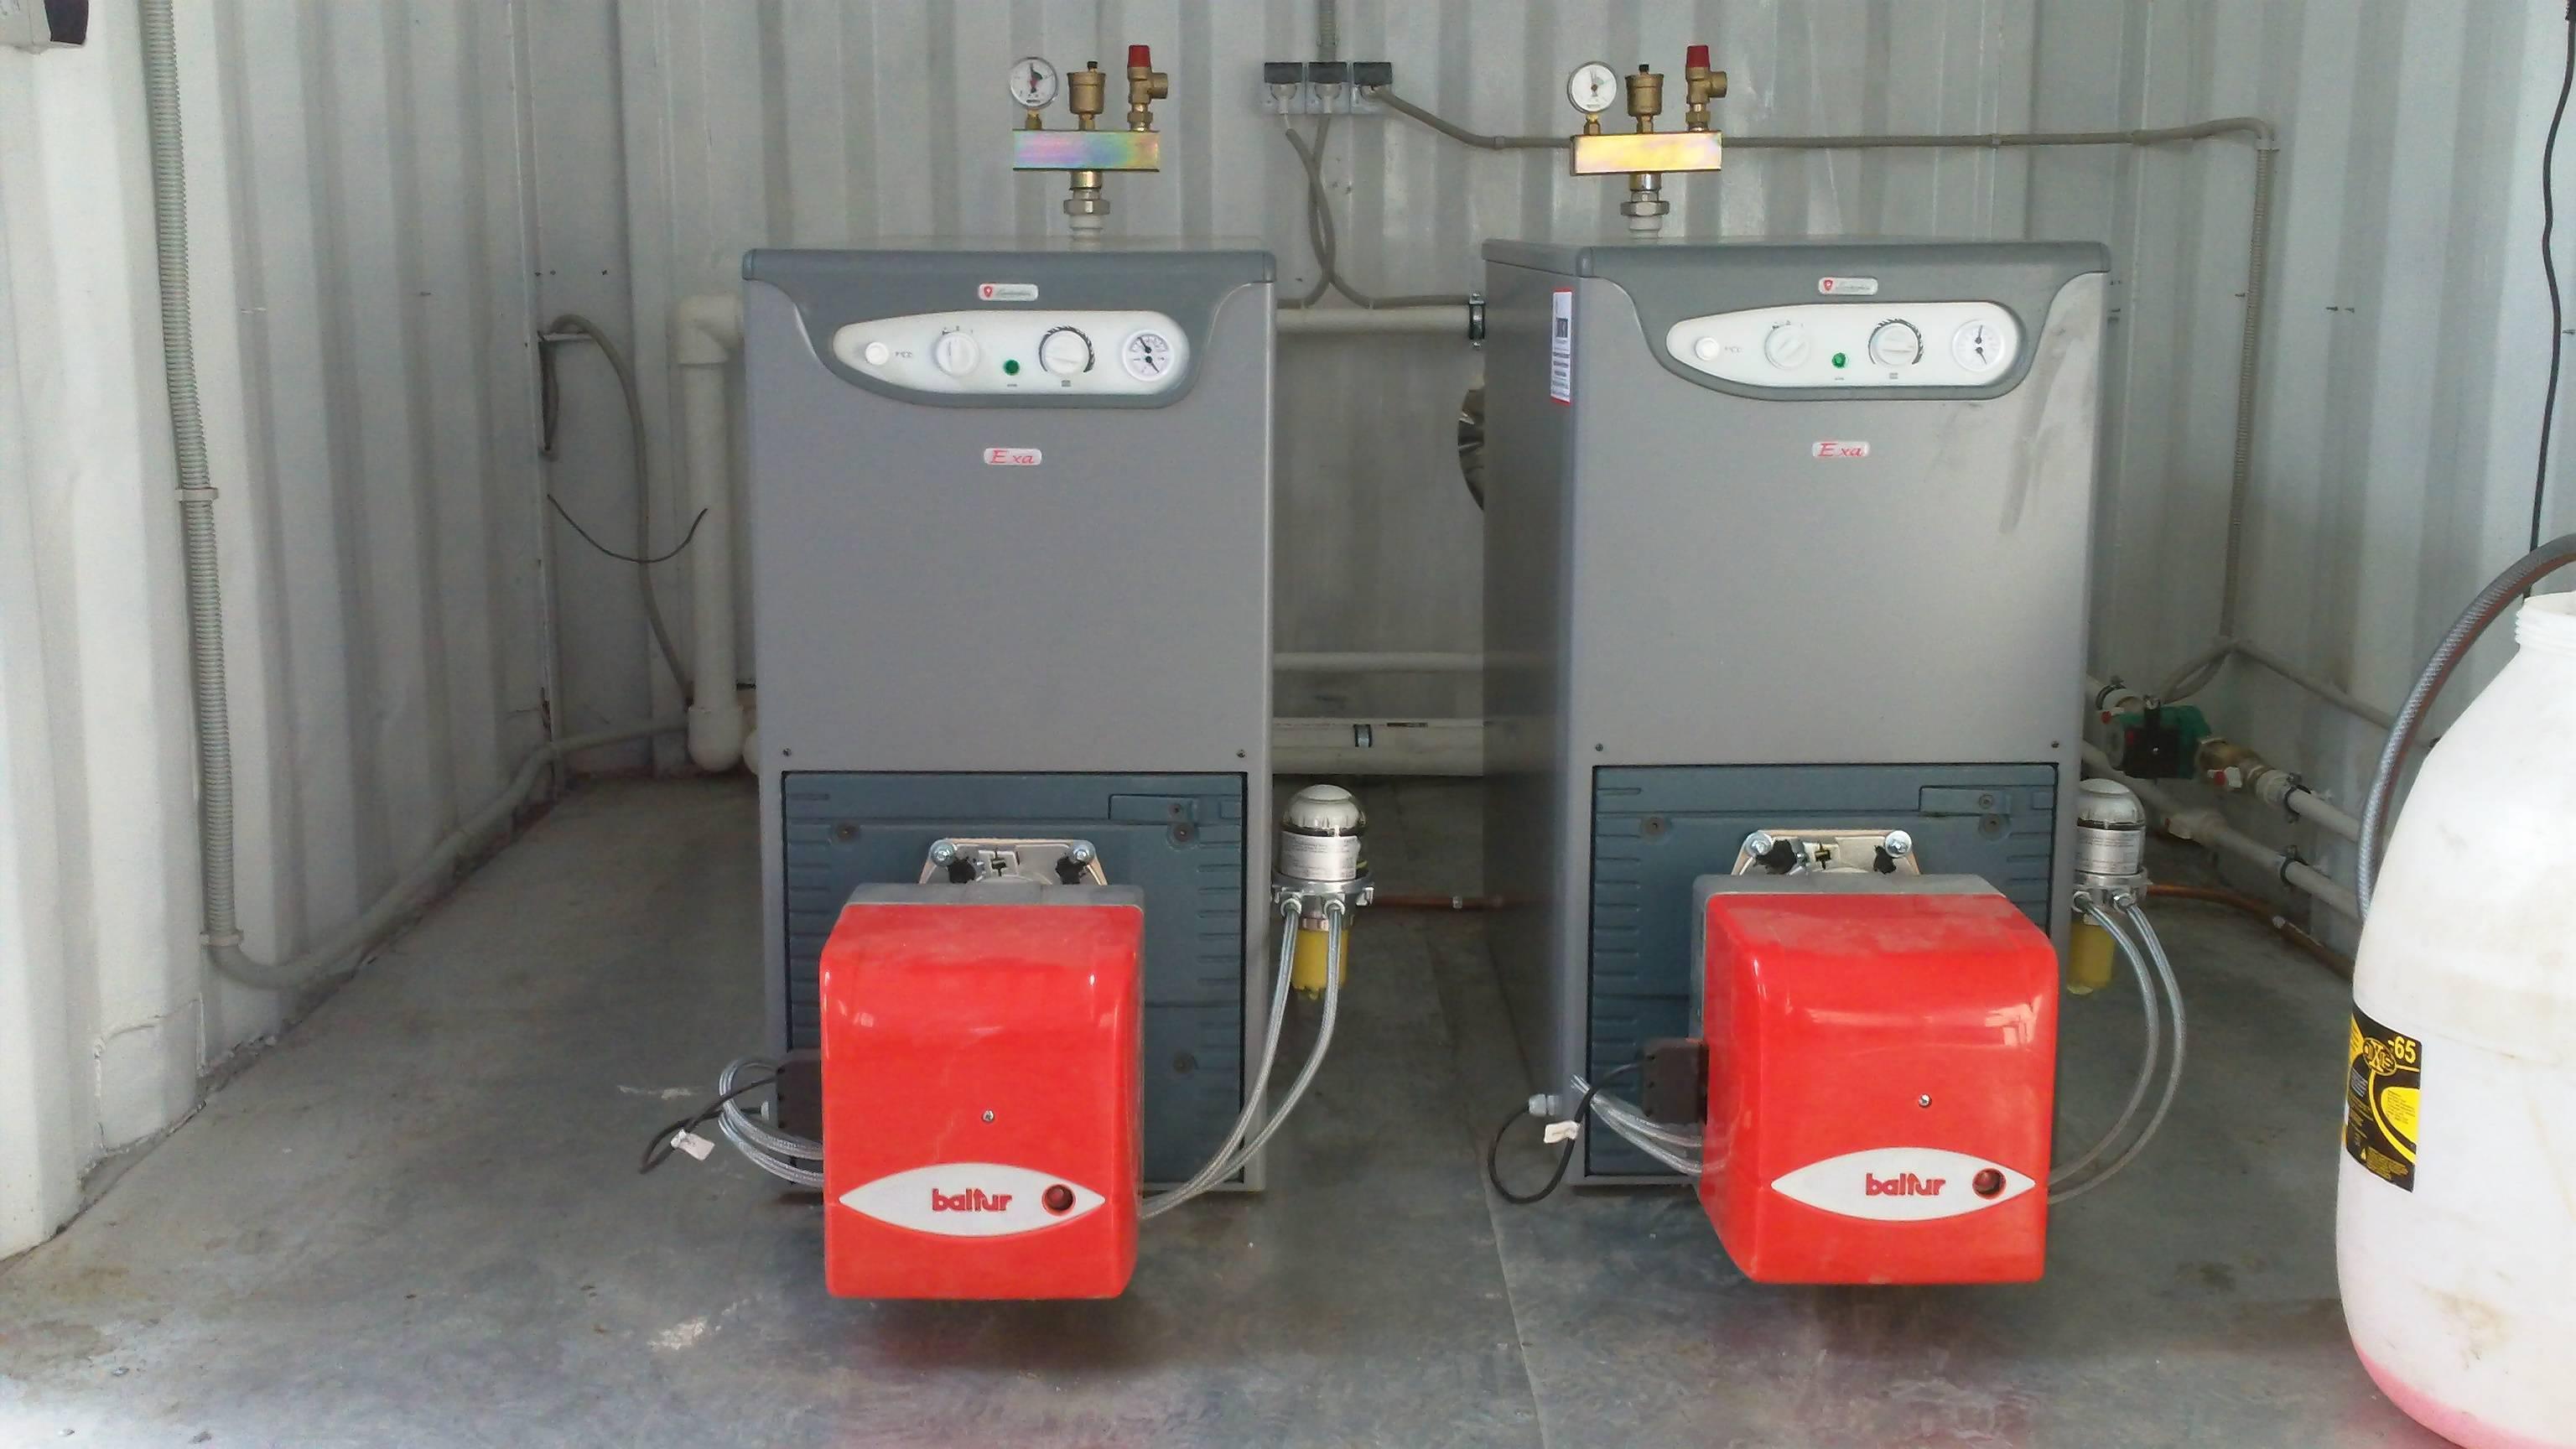 Дизельный котел для отопления частного дома — какой лучше выбрать и какой расход топлива